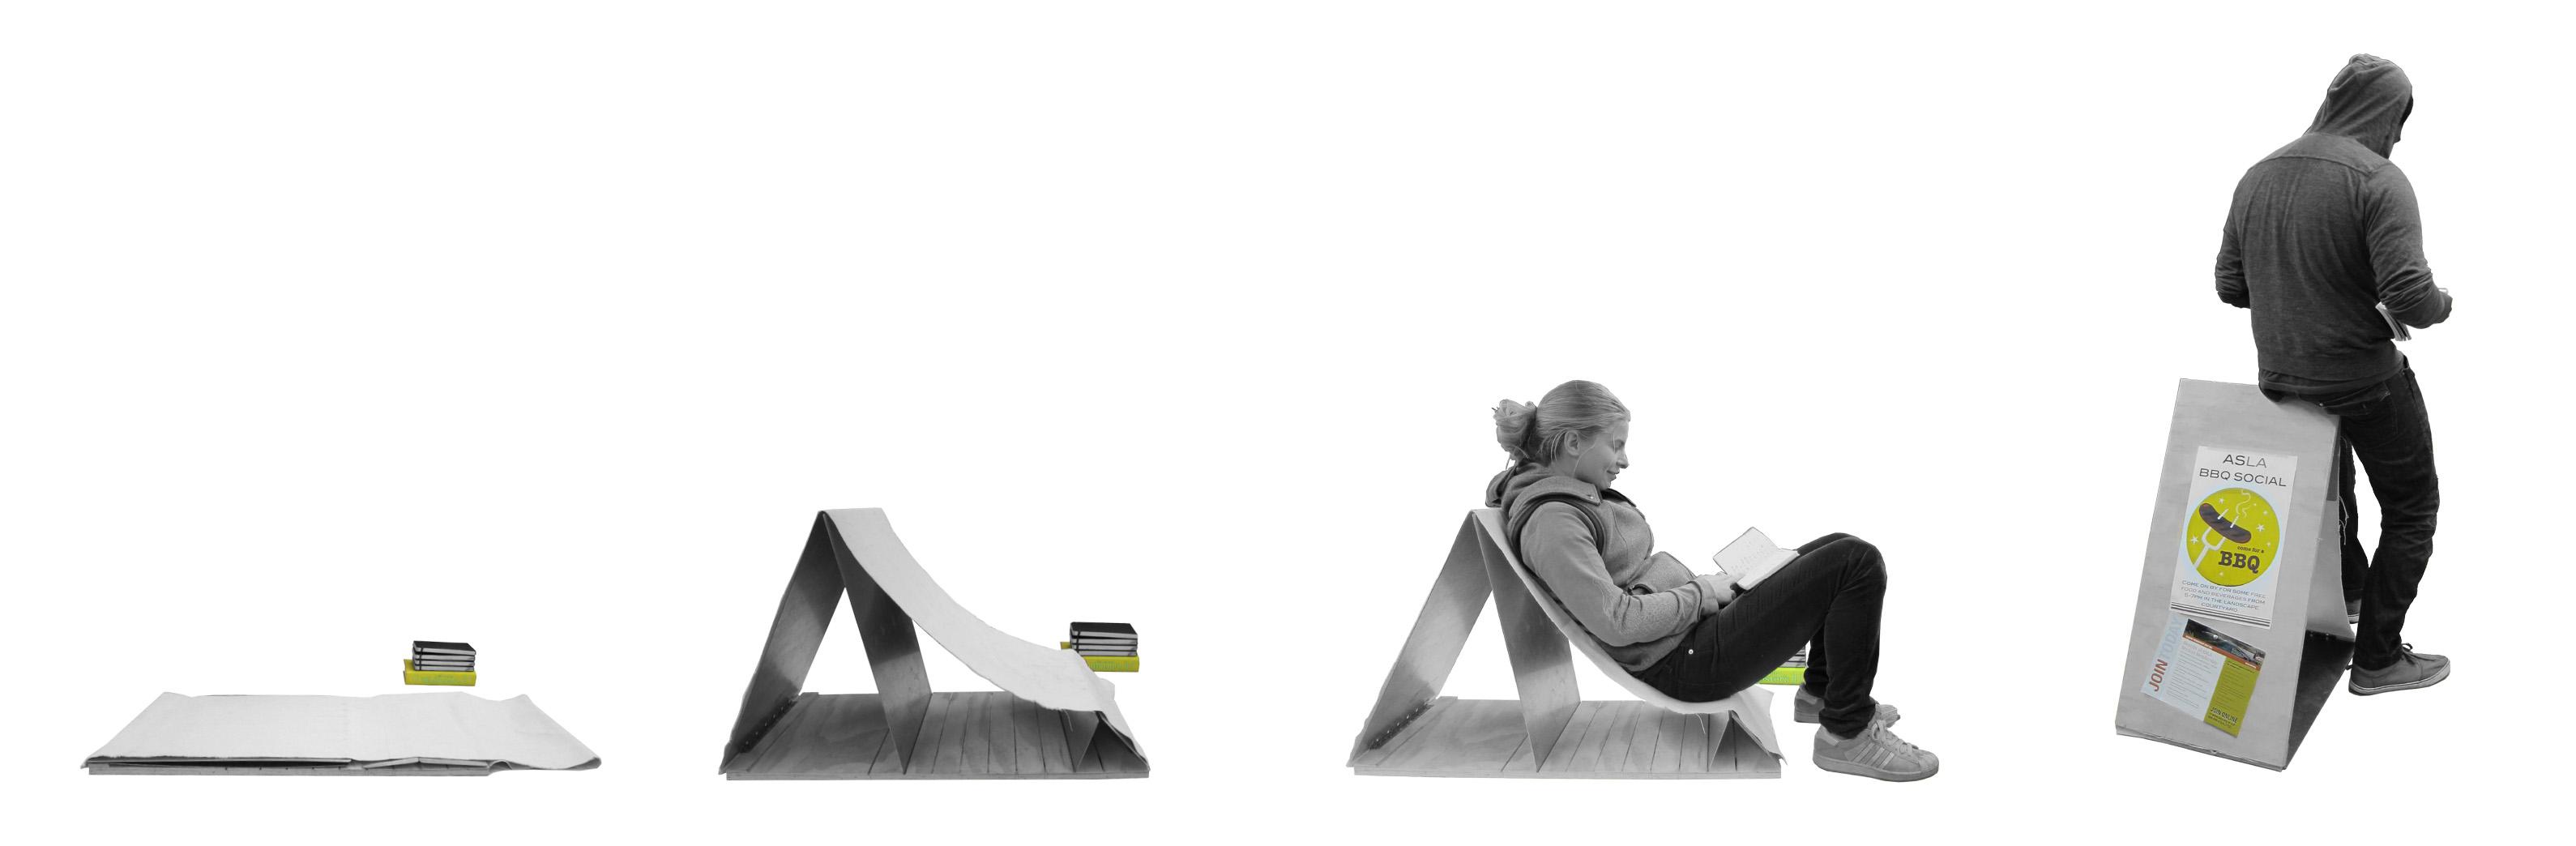 mcgehee_paul_social furniture prototype.jpg